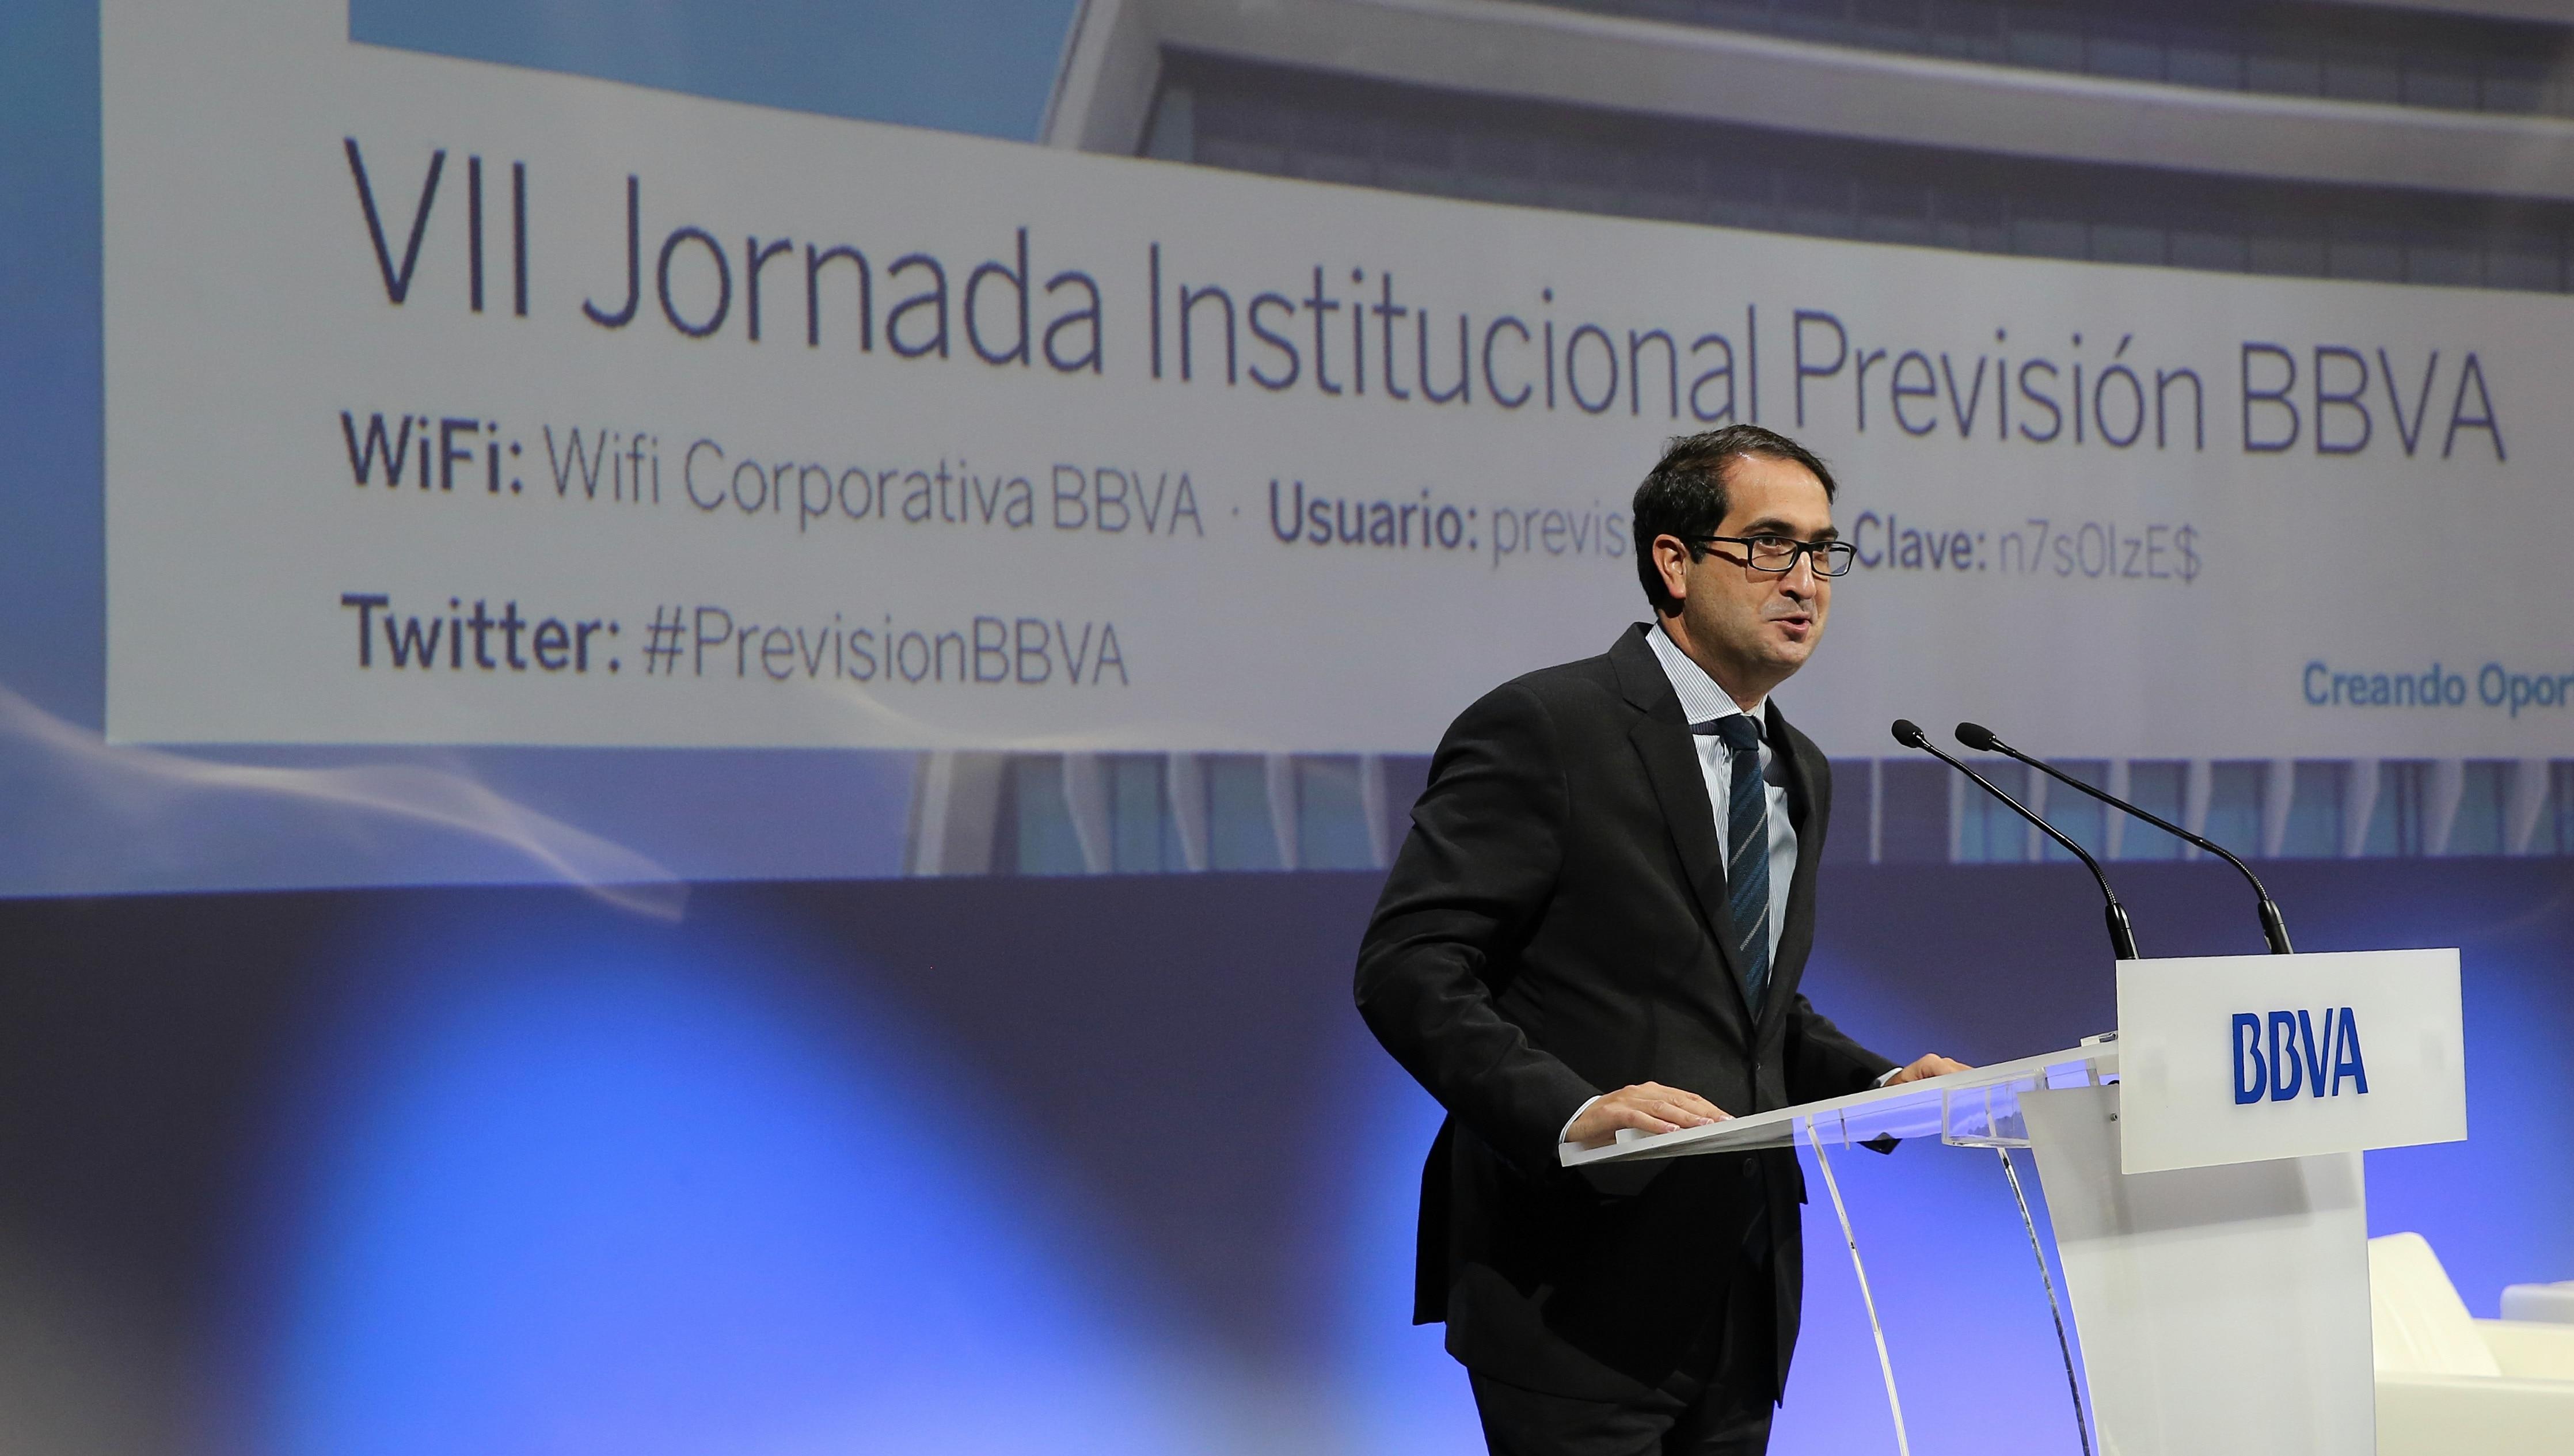 Imagen de Peio Belausteguigoitia Jornadas Previsión BBVA